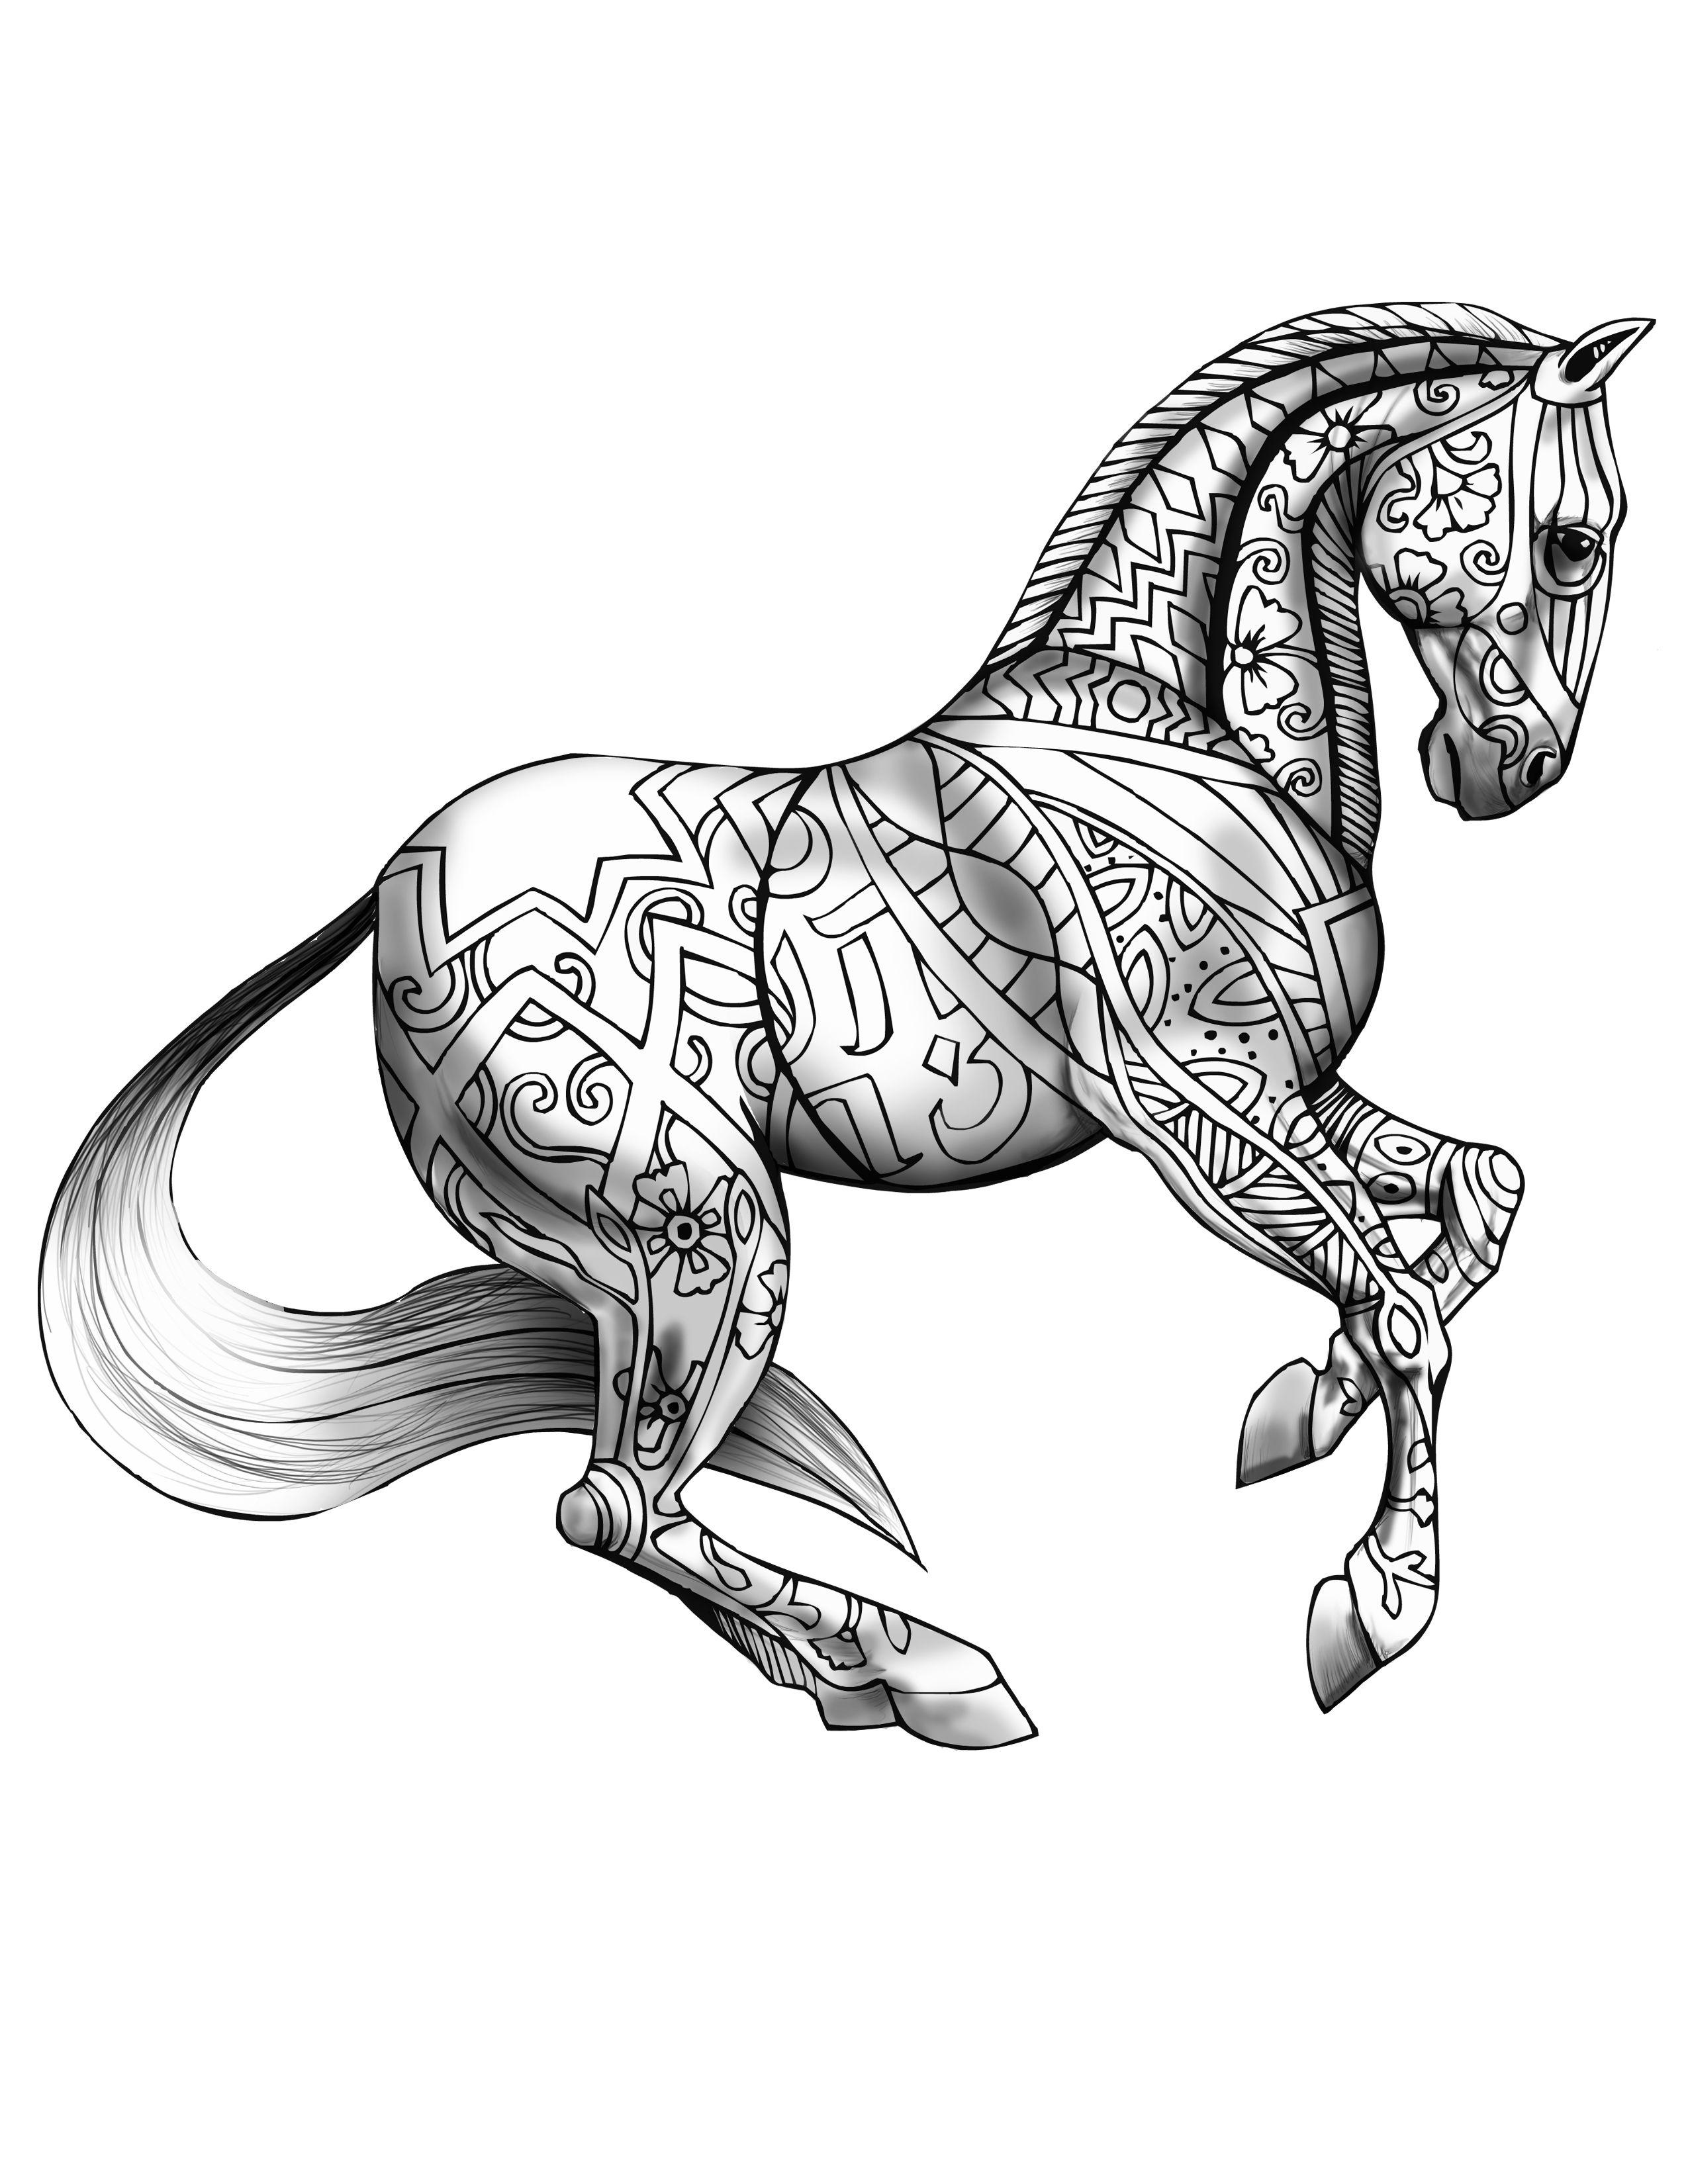 Ausmalbilder Erwachsene Pferd : Pin Von Akii Gaikwad Auf 101ink Pinterest